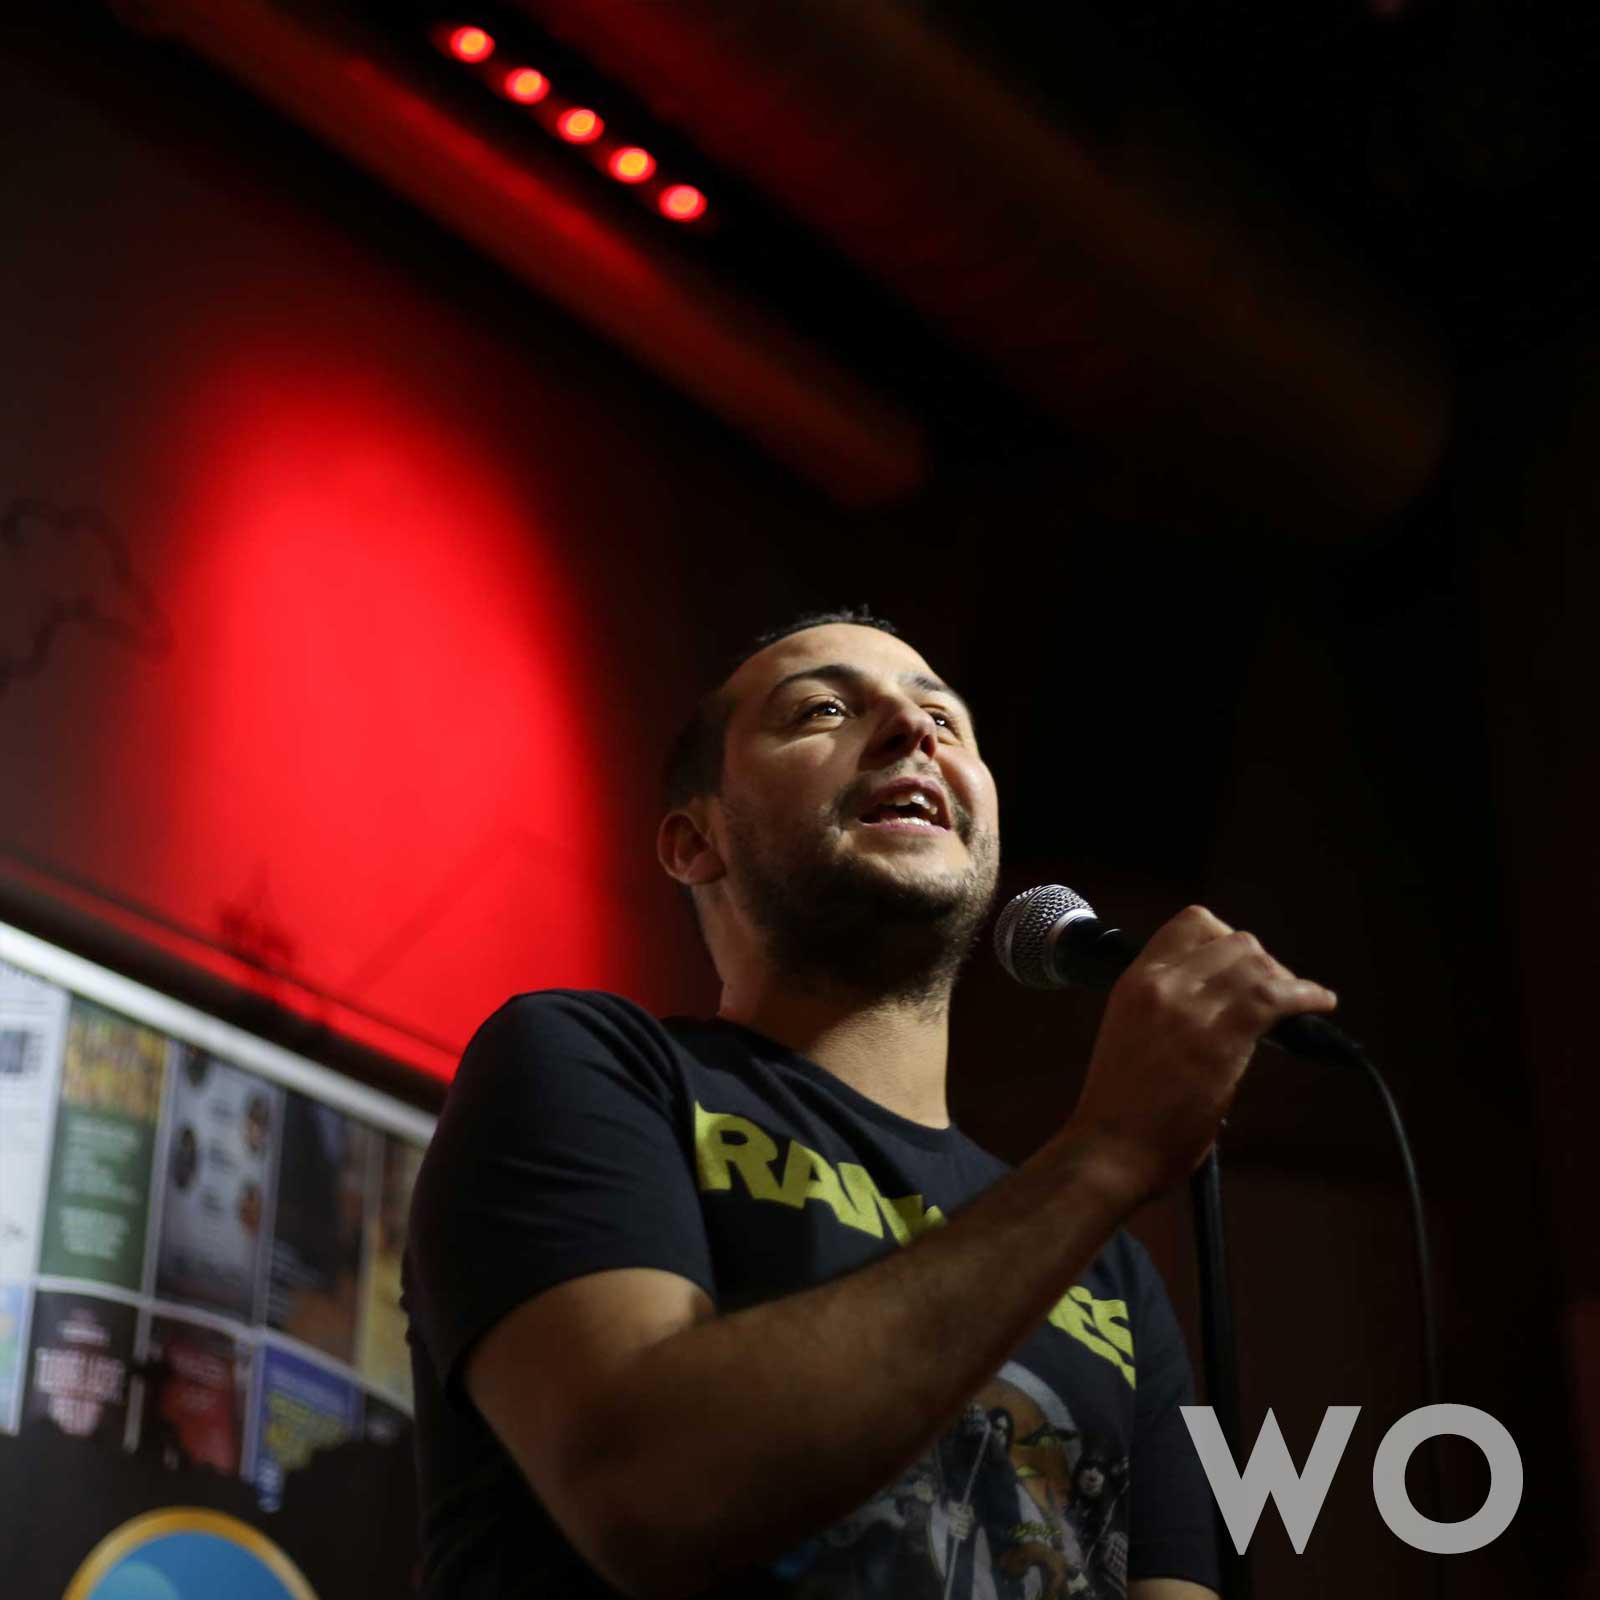 Elke woensdagavond betreden verschillende comedians ons podium om jouw week te breken met een lach. Hofman is de plek voor jouw wekelijkse dosis humor! Utrecht Lacht begint om 21:00. Voor €12,50 eet jij al de fameuze Hofmanburger tijdens onze Comedyavonden!